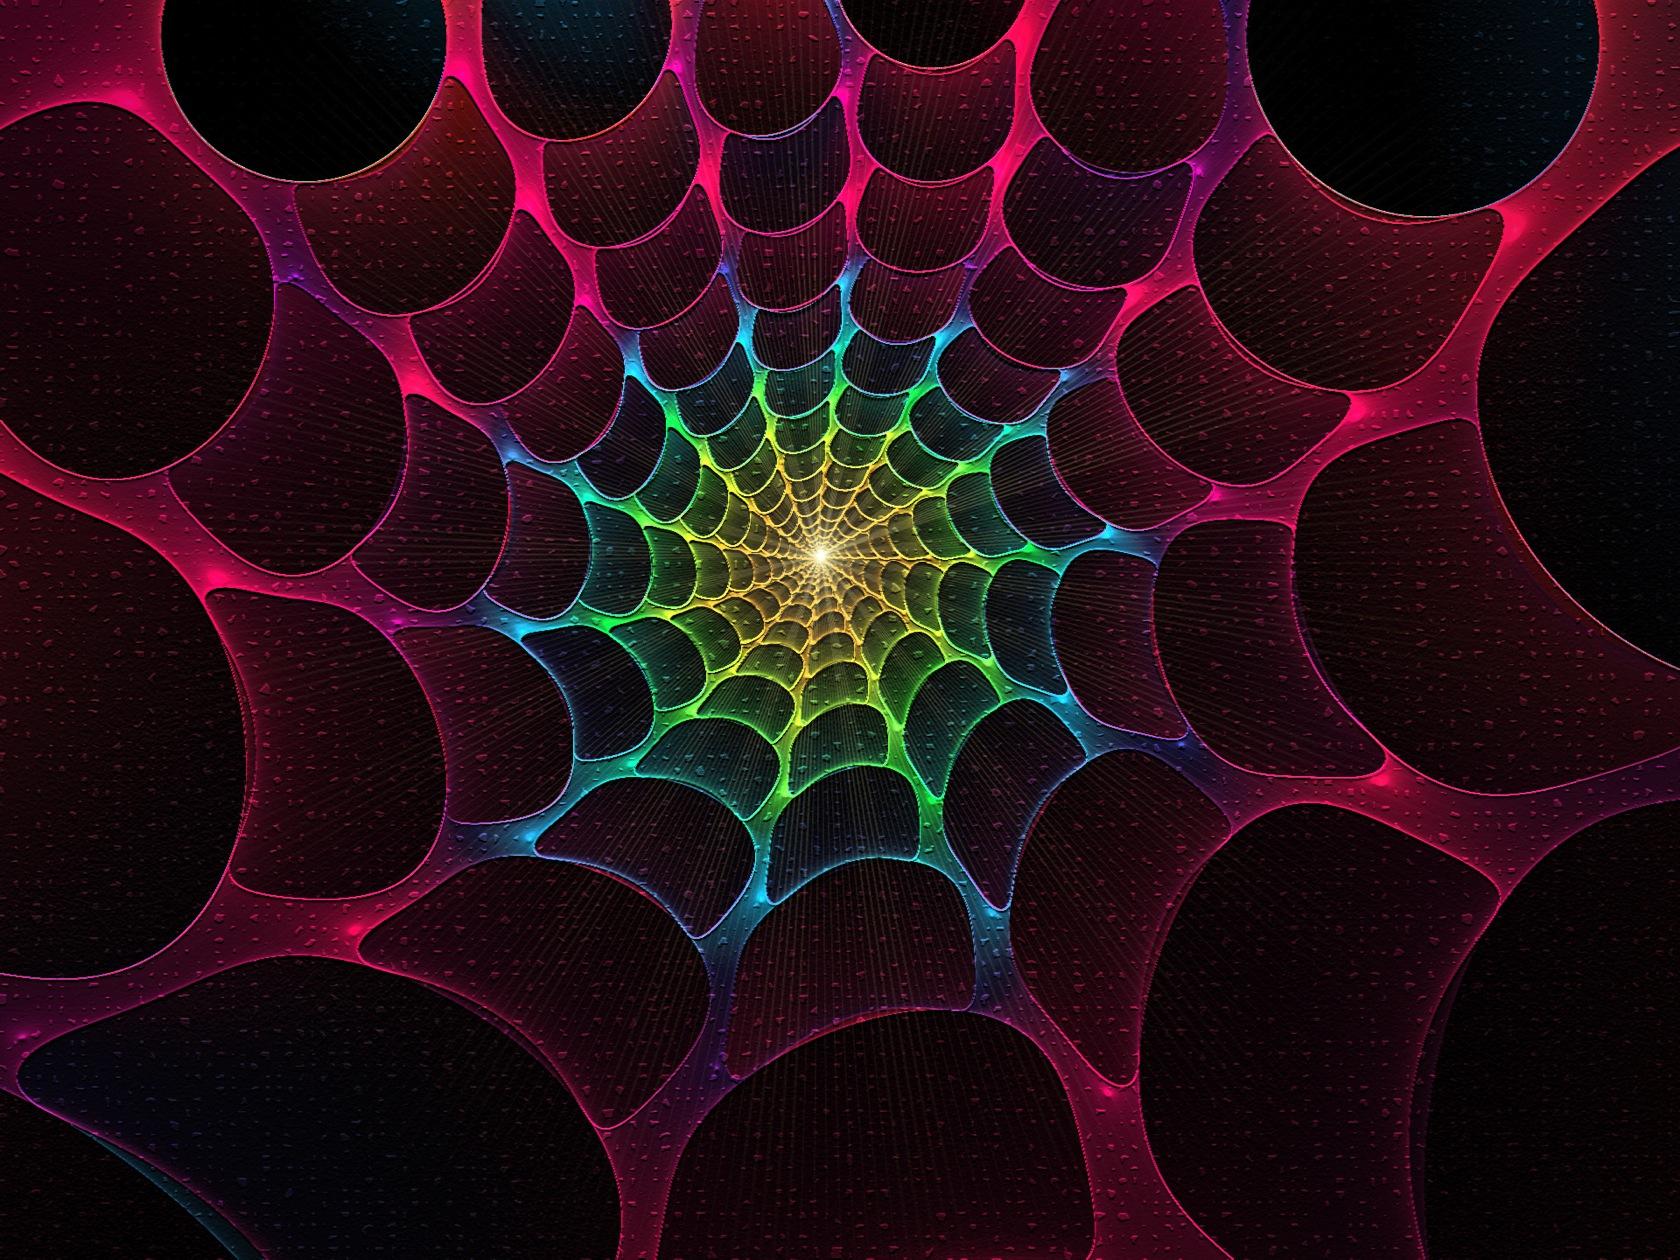 43 Colorful Desktop Backgrounds   Technosamrat 1680x1260